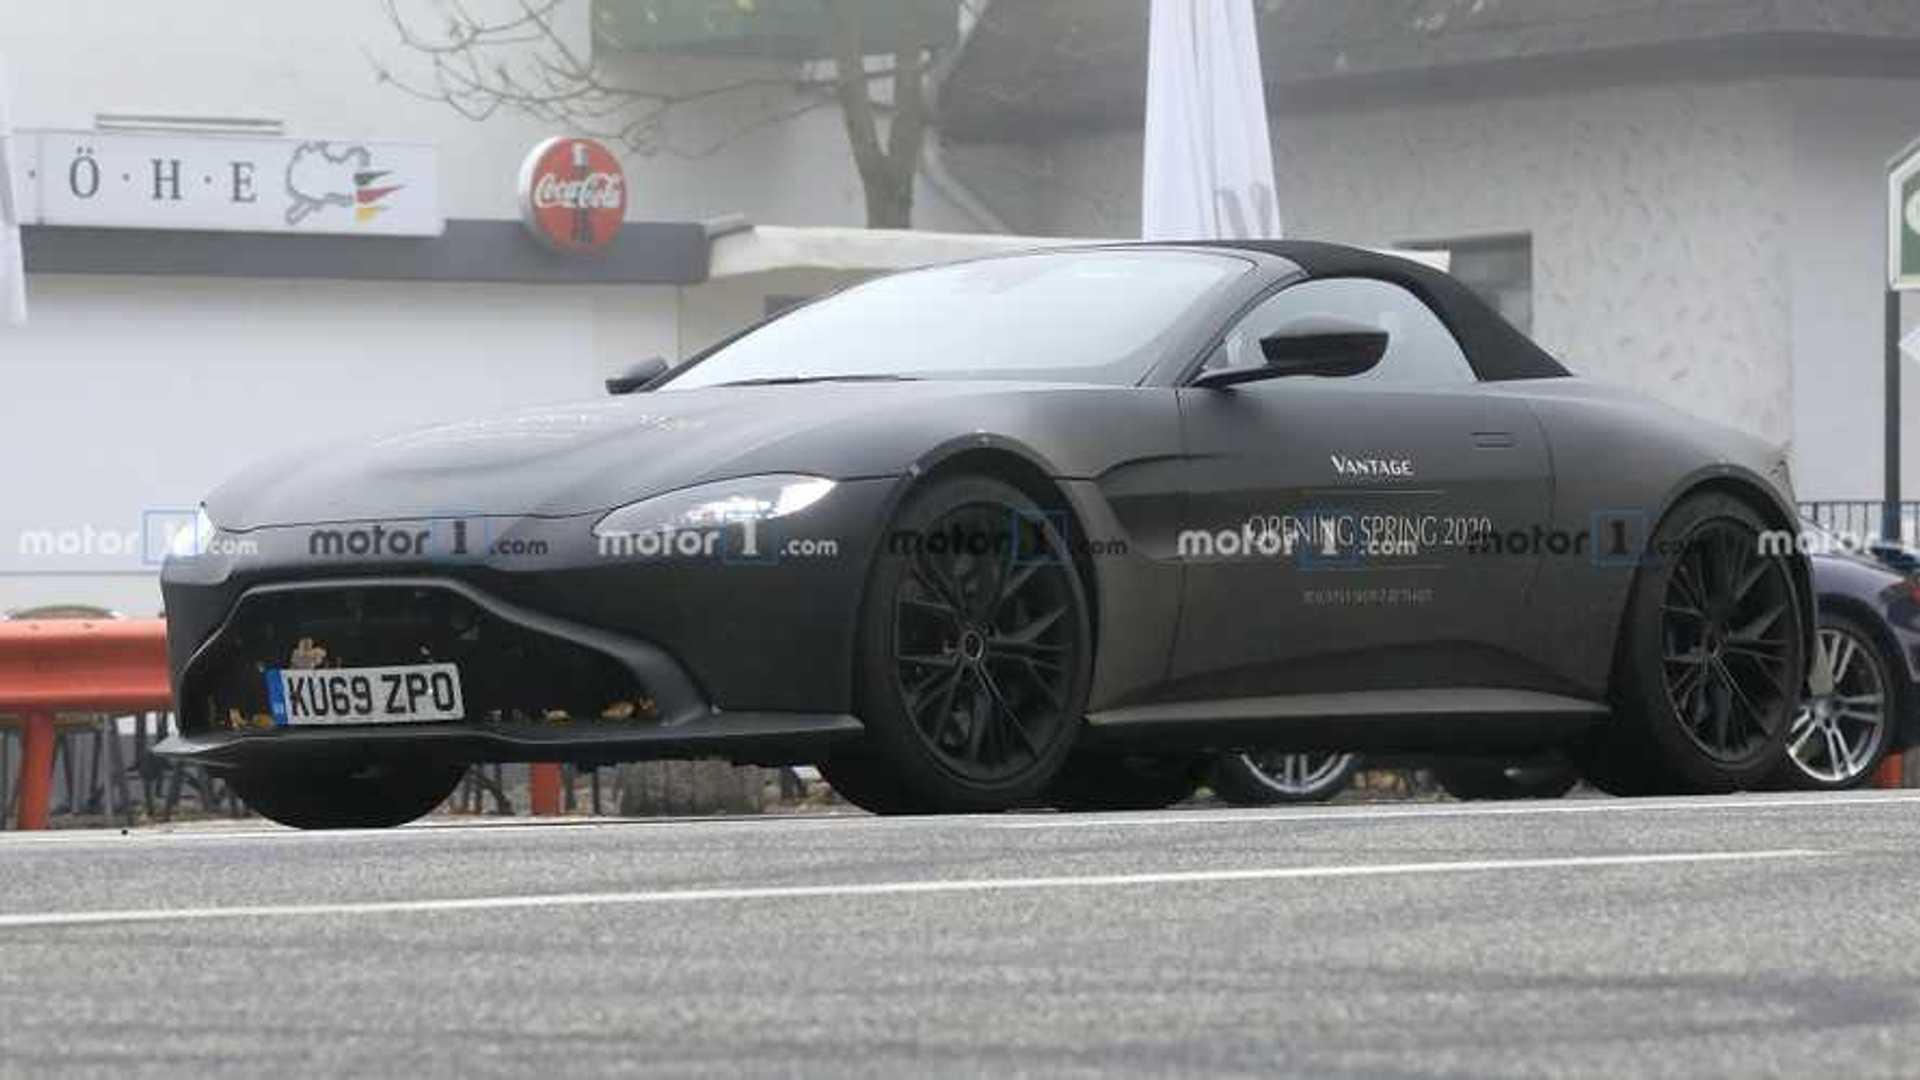 Aston Martin Vantage Volante Spied Looking Dark On A Foggy Day